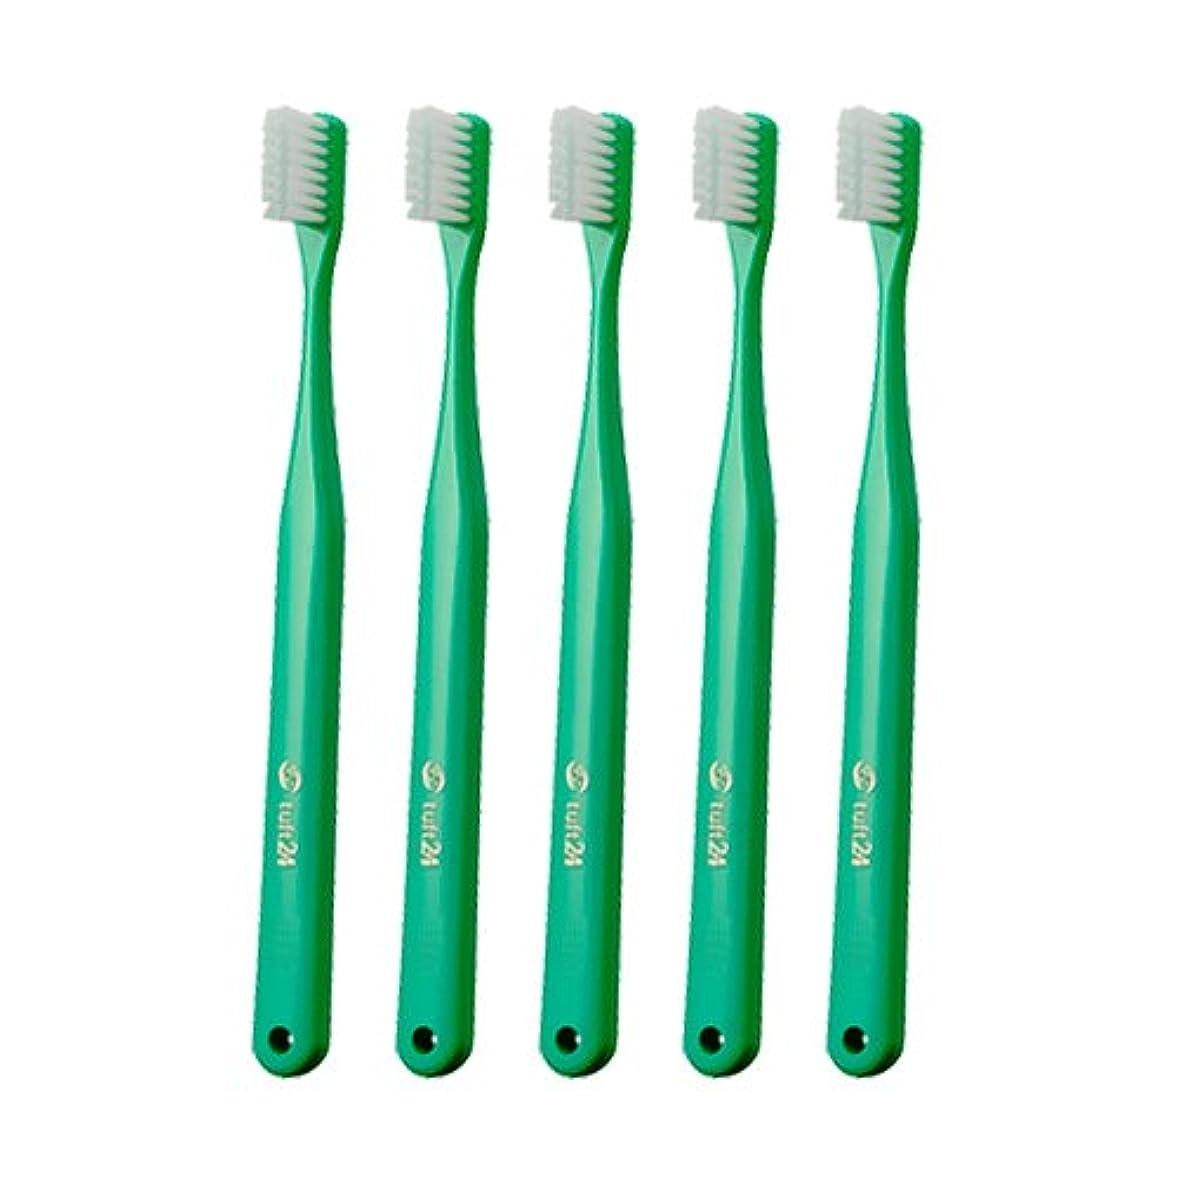 バンクカブ多くの危険がある状況キャップなし タフト24 歯ブラシ × 25本入 M グリーン